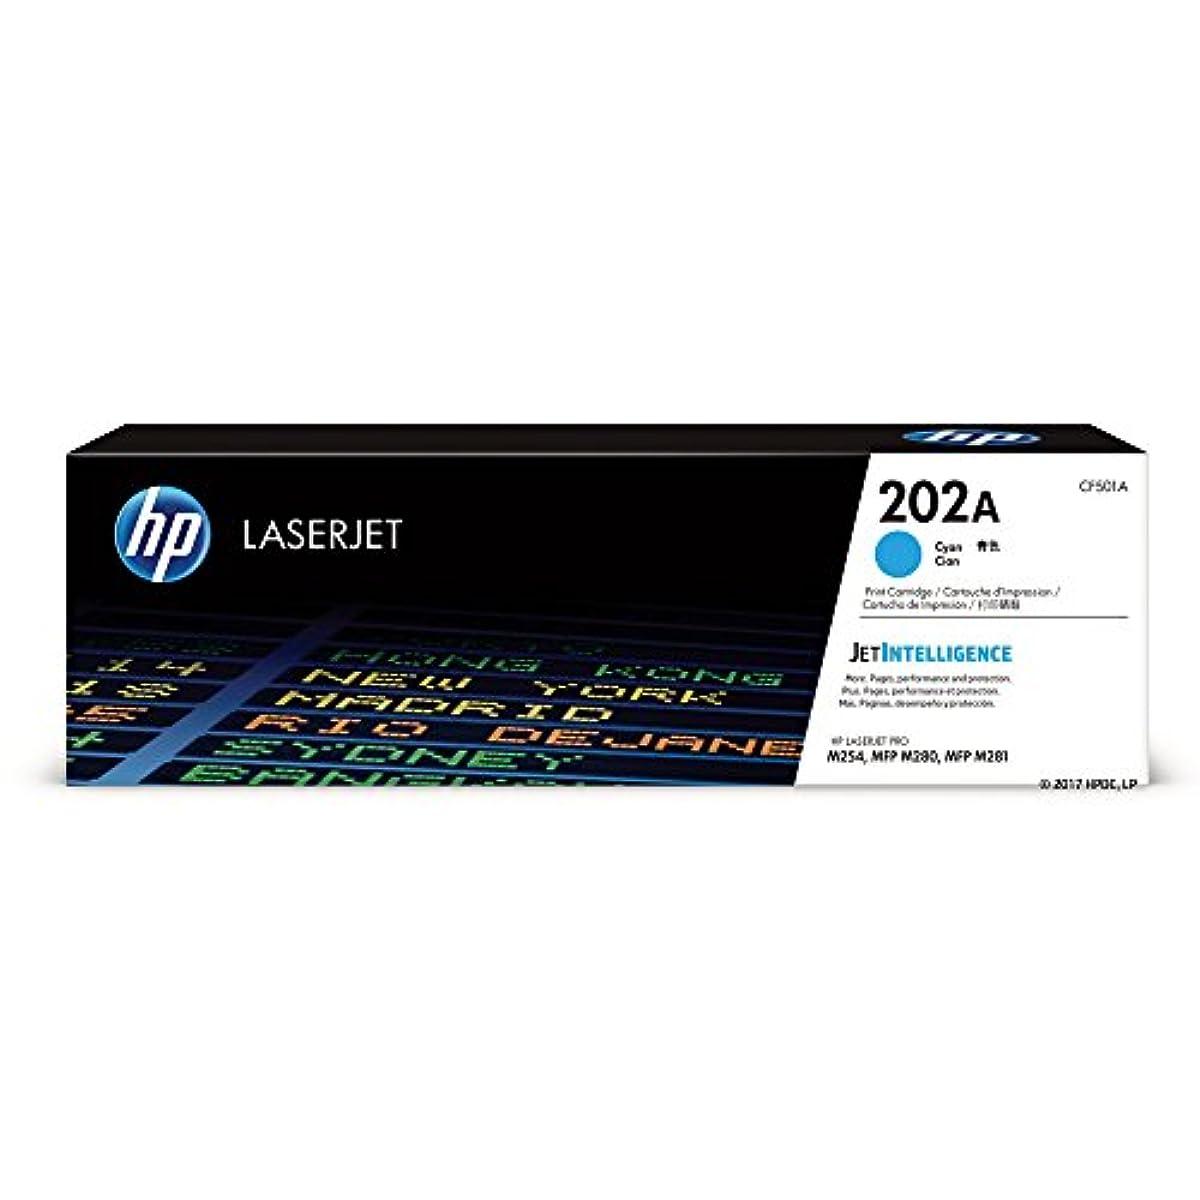 HP 202A (CF501A) Cyan Toner Cartridge for HP LaserJet Pro M254 M281cdw M281dw